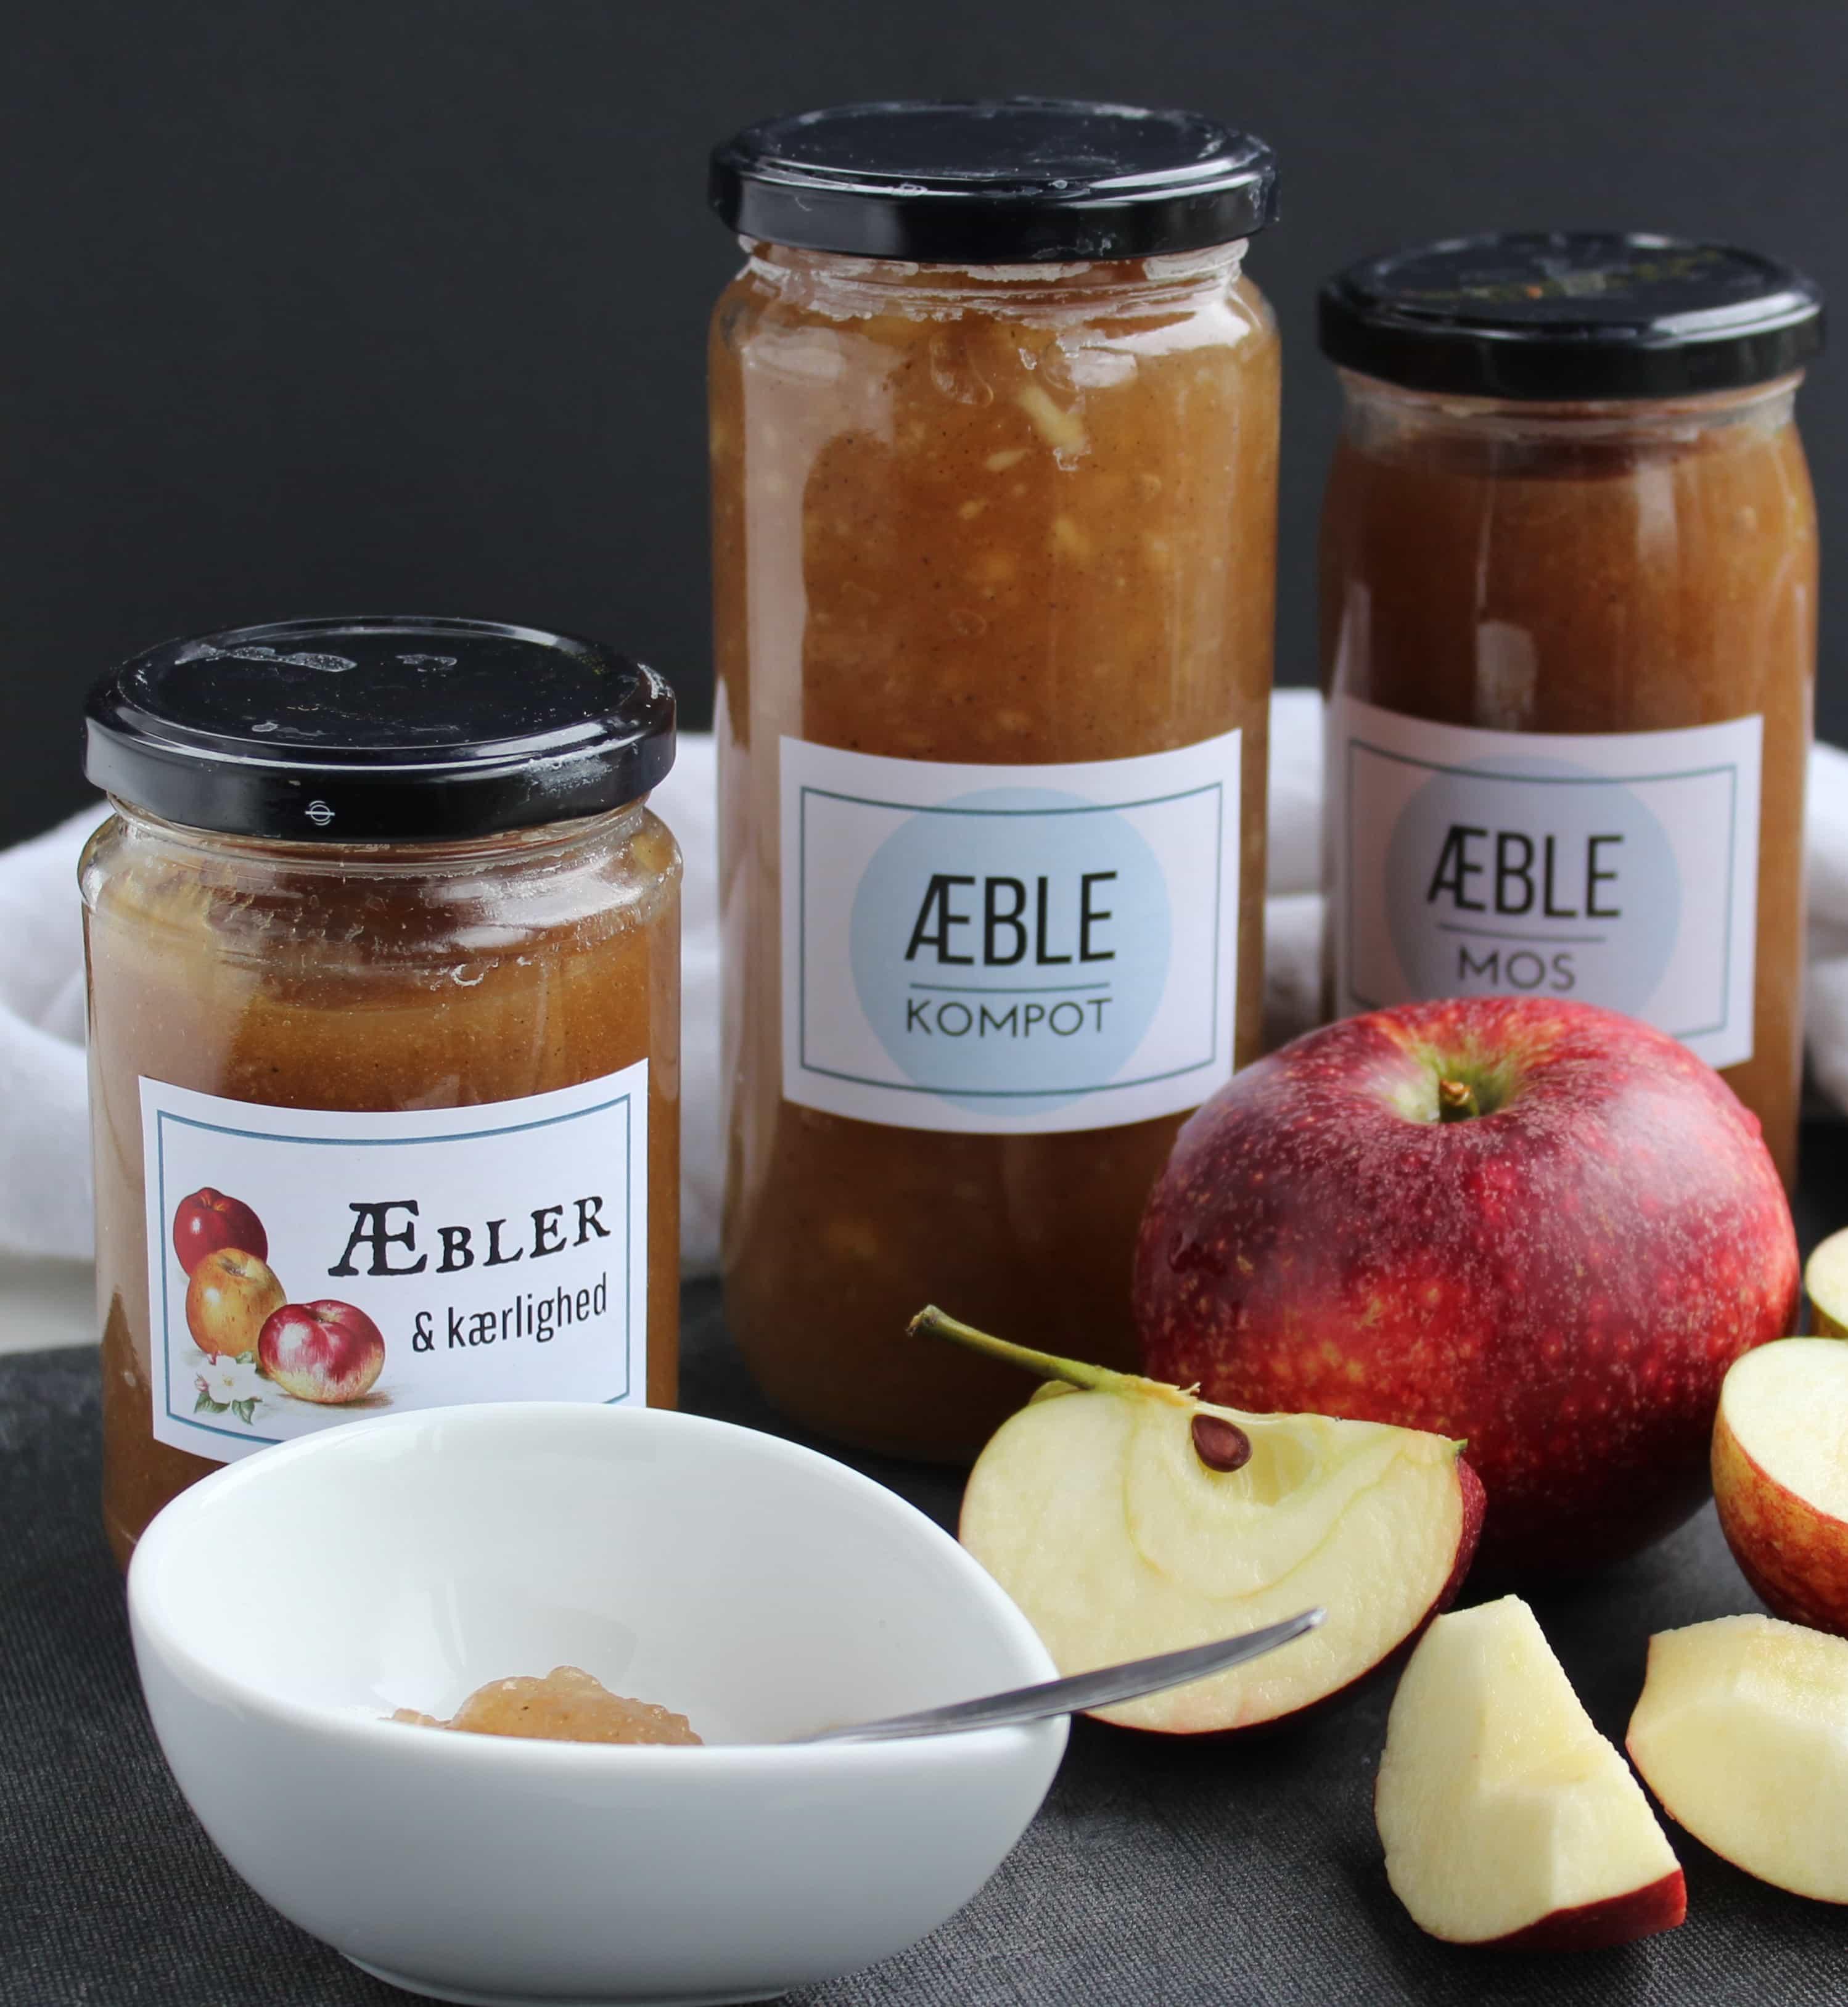 Æblemos med vanilje - æblekompot eller æblemarmelade. Få opskrifter på kager og desserter, hvor du kan bruge æblemos. Find opskrifter, gratis print og inspiration til årets gang på danishthings.com #DanishThings #æblemos #æblekompot #æblemarmelade